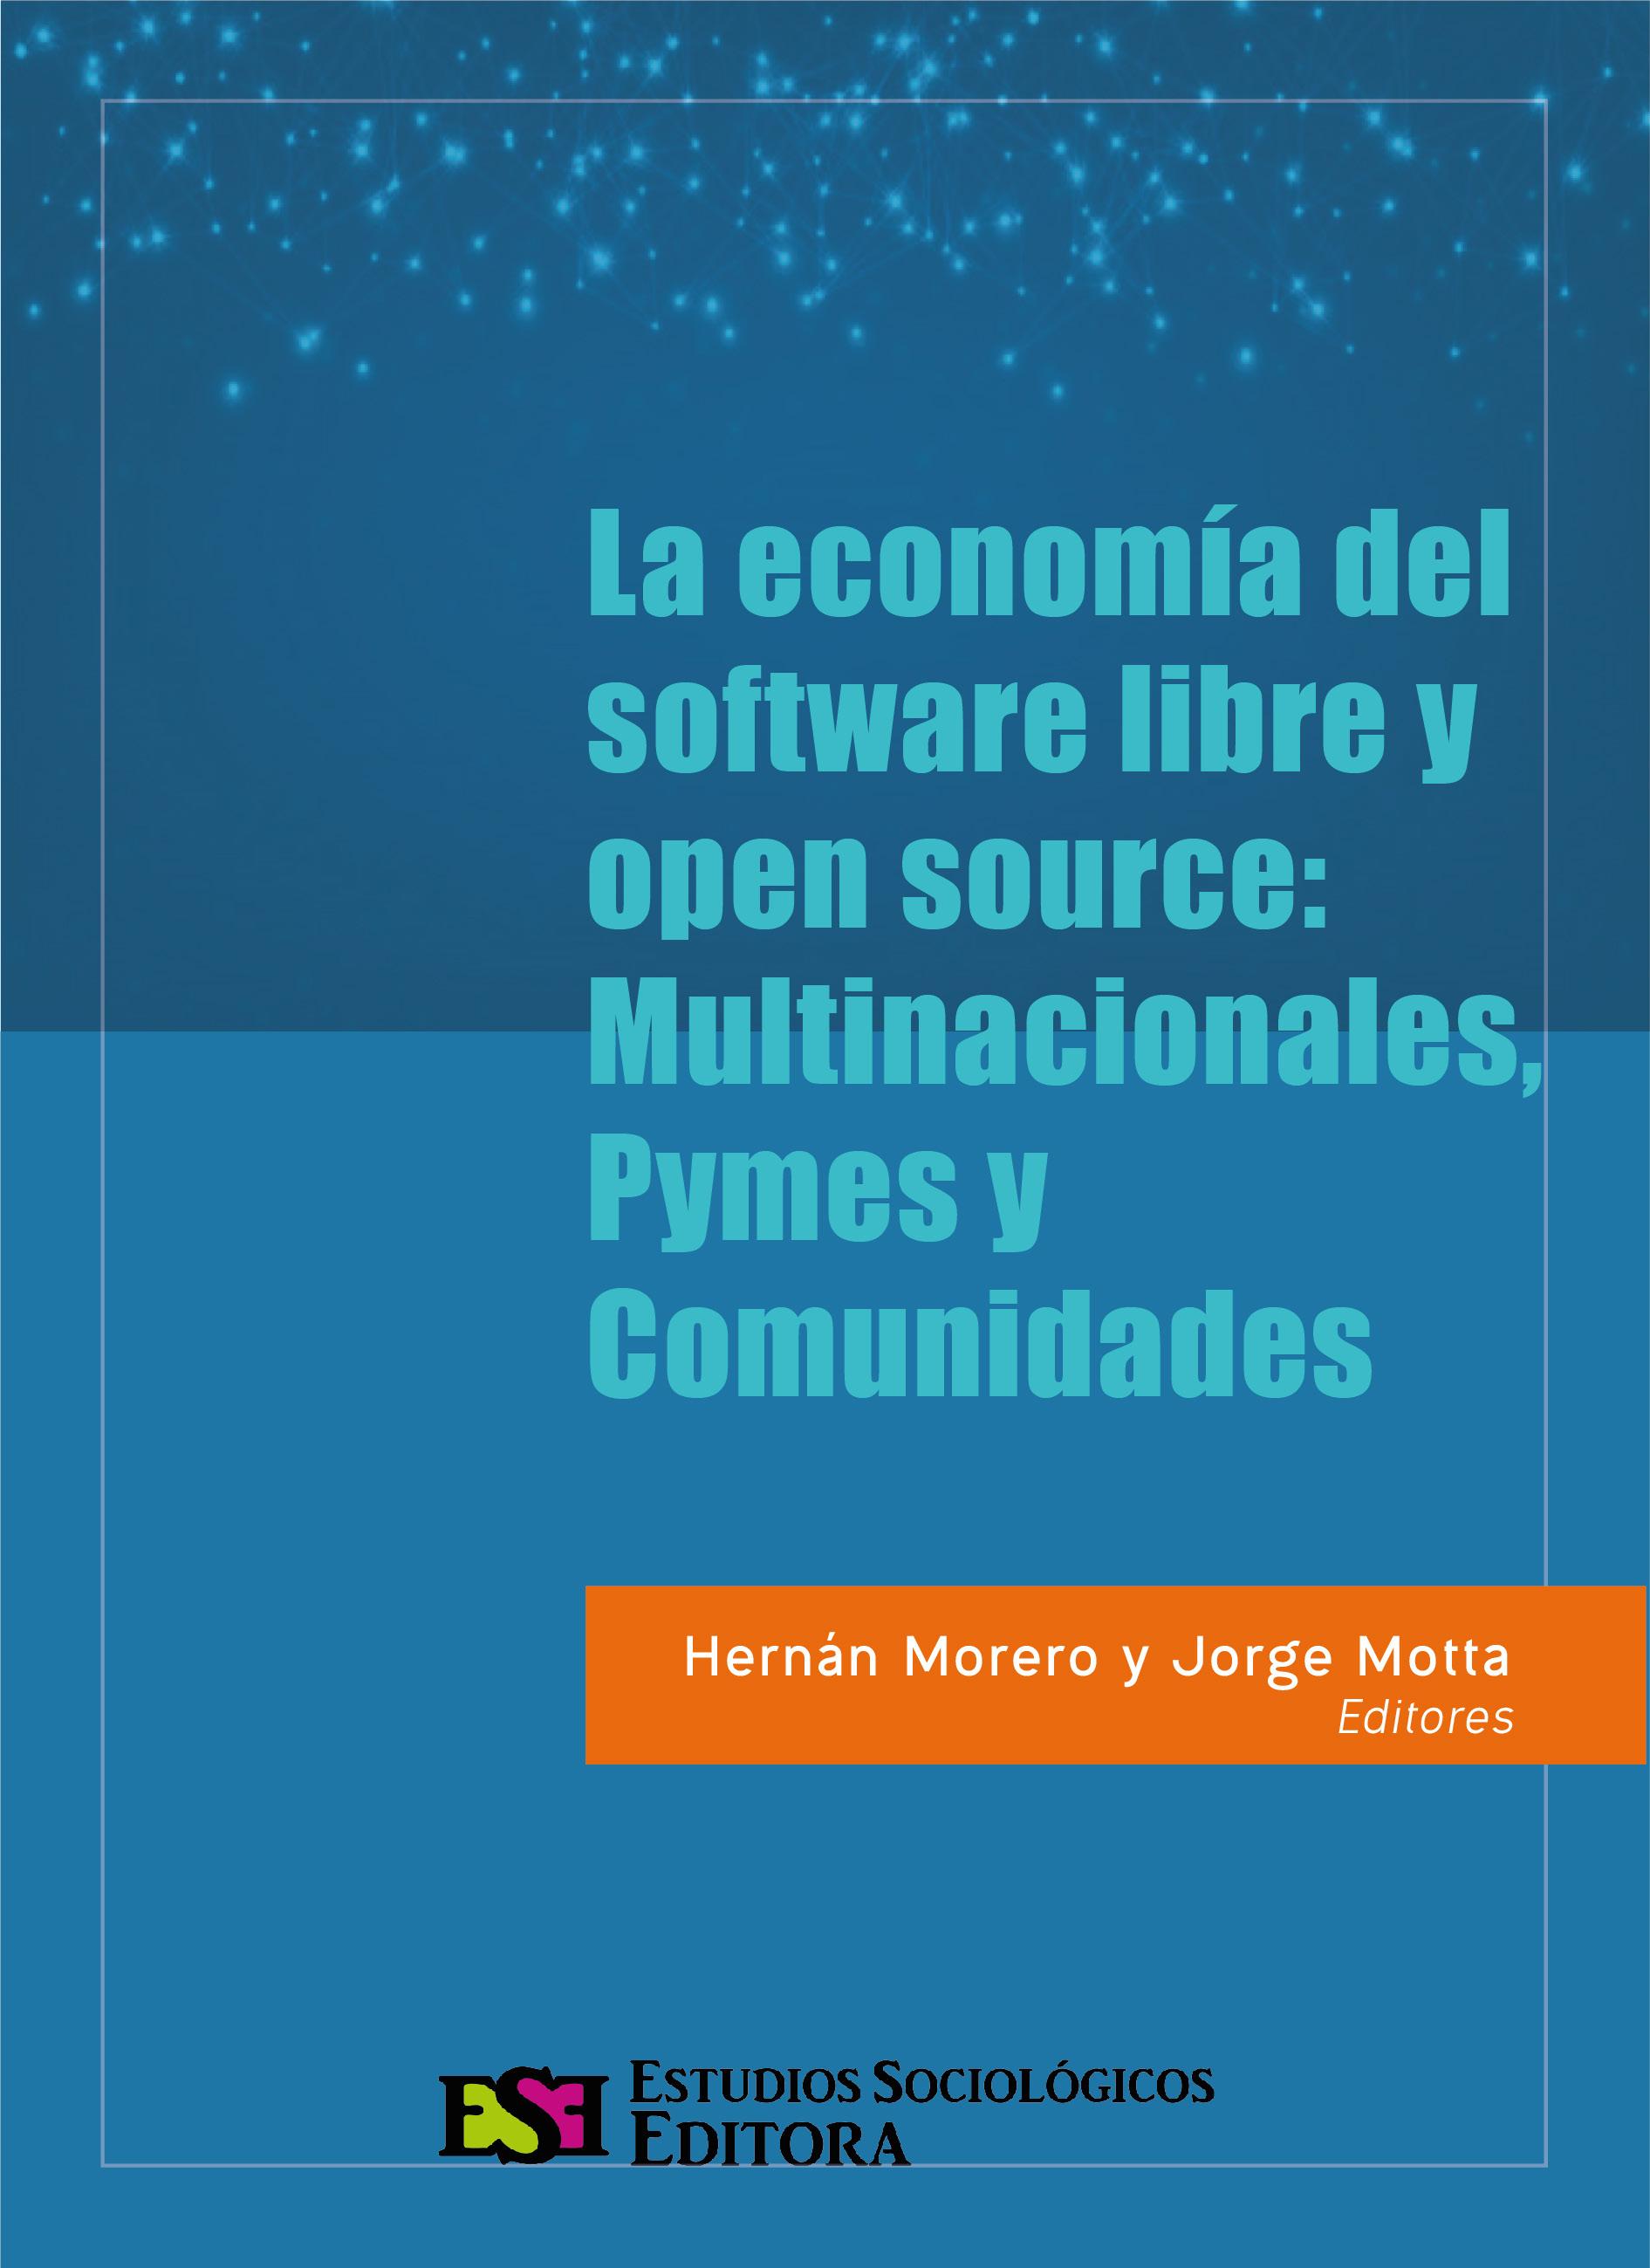 Morero y Motta - Libro Economía del FLOSS